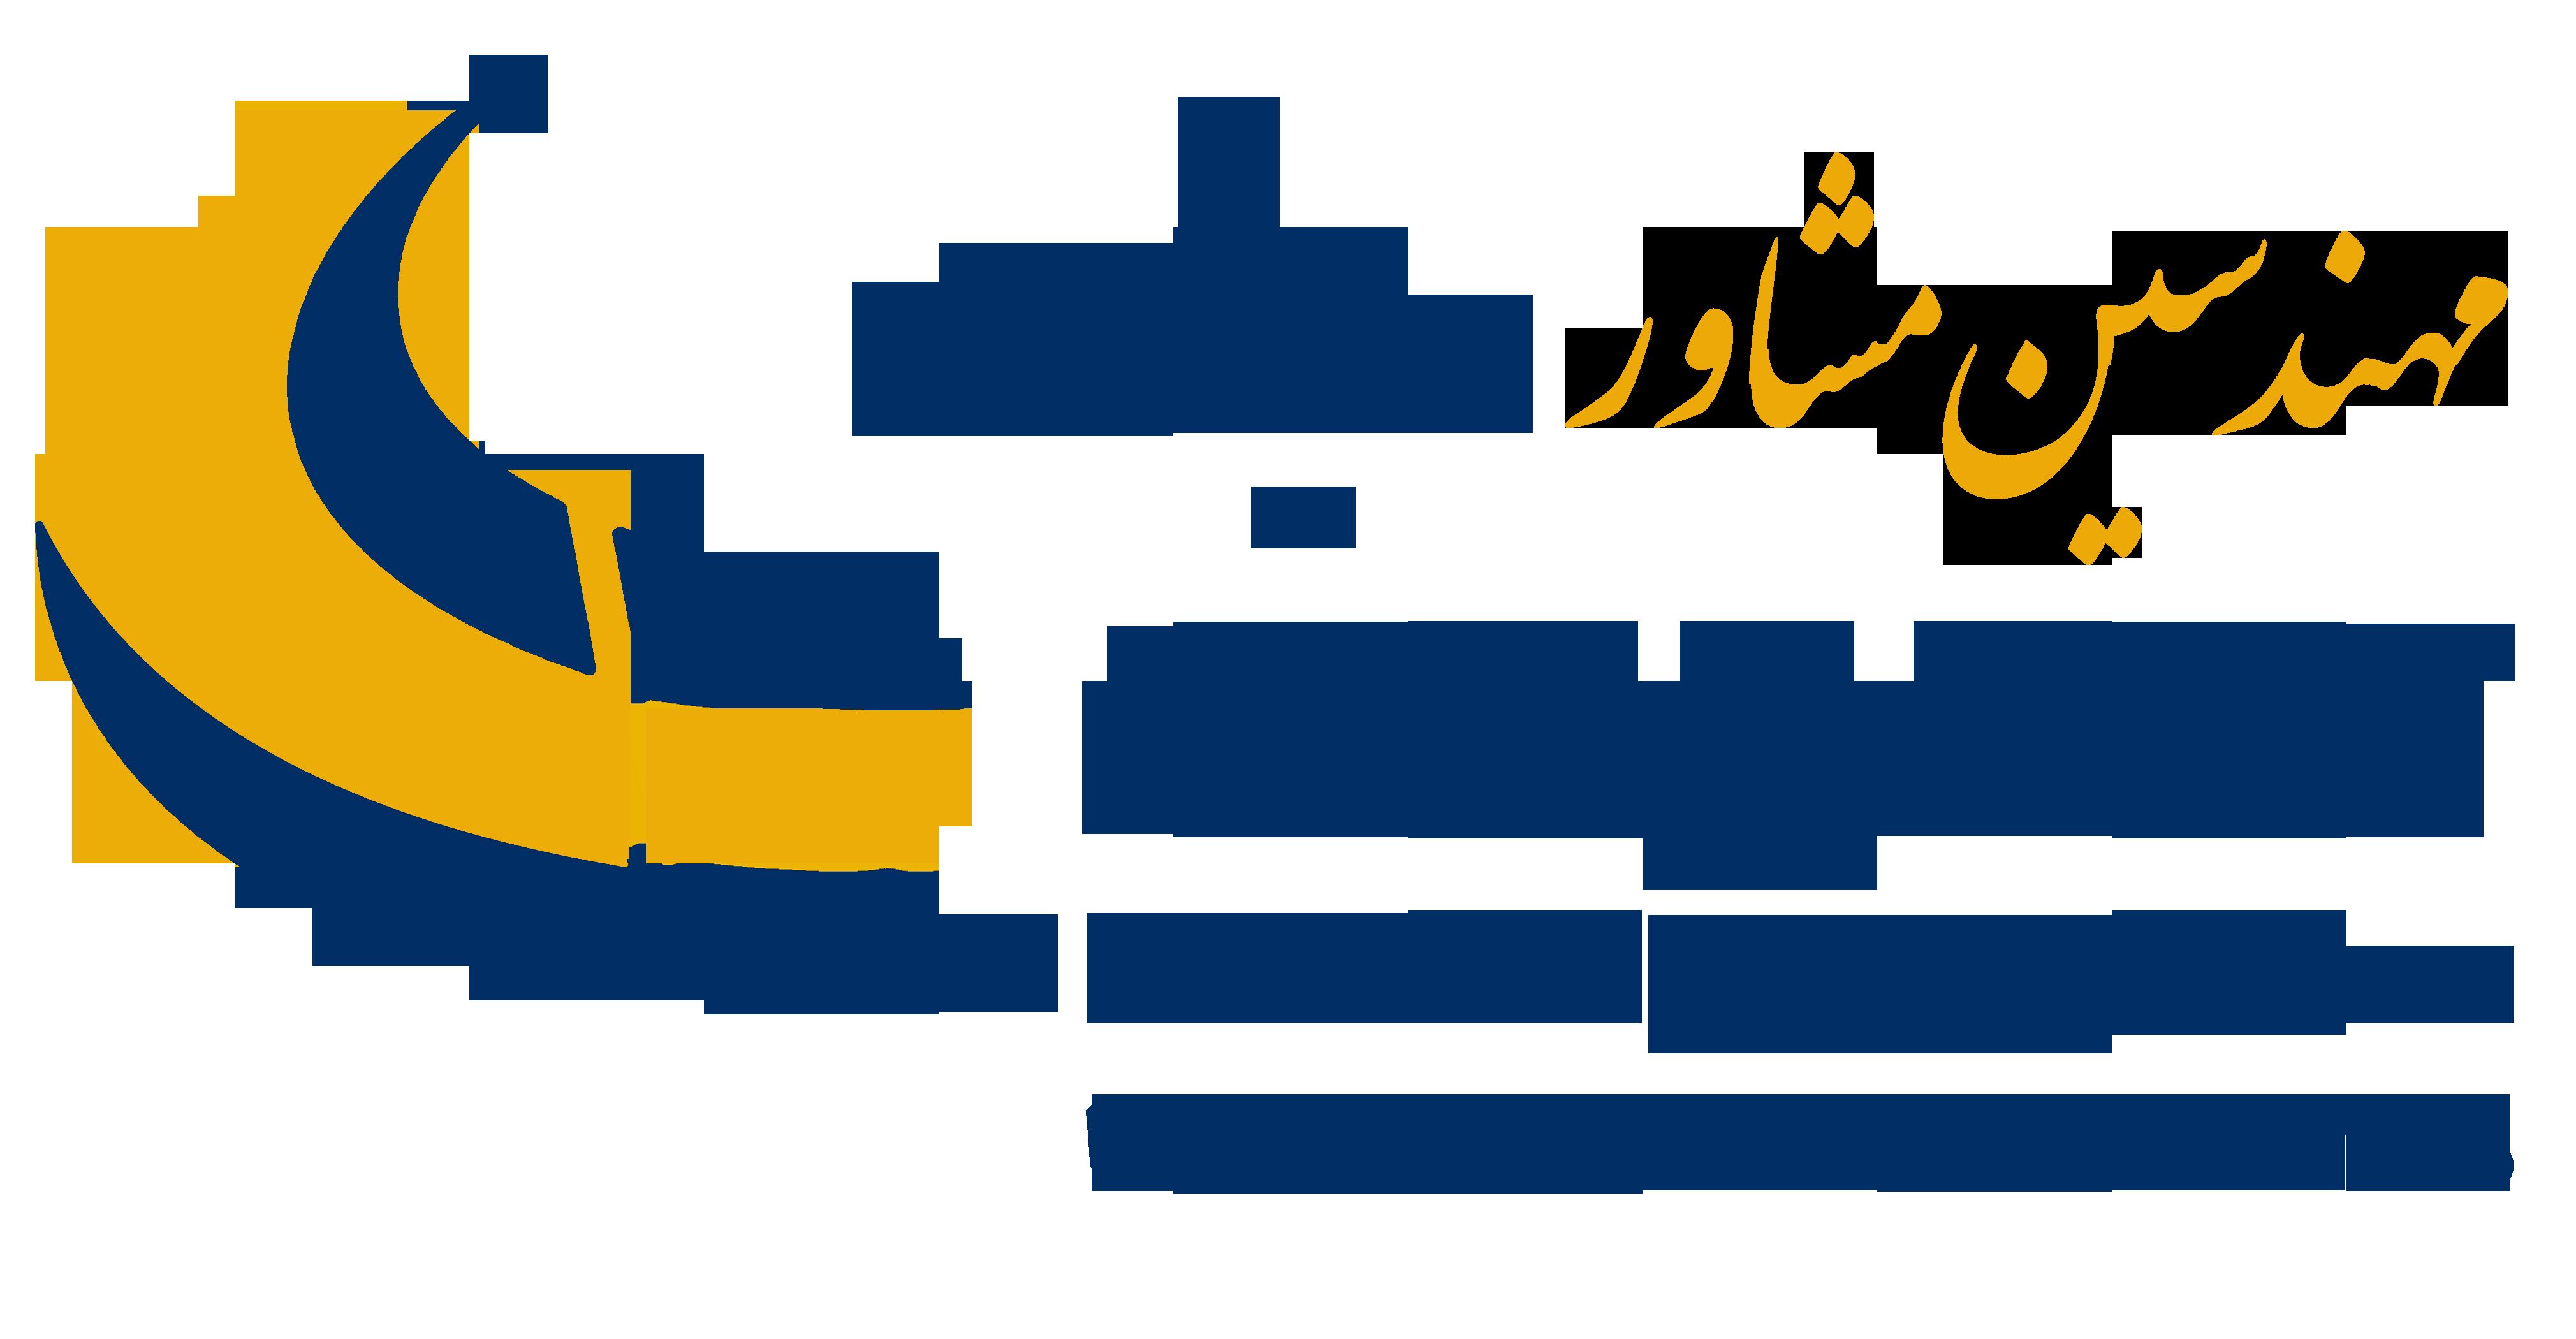 مطالعات عارضه سنجی ترافیکی پروژه مجتمع ادارات مرکزی شرکت ملی گاز ایران